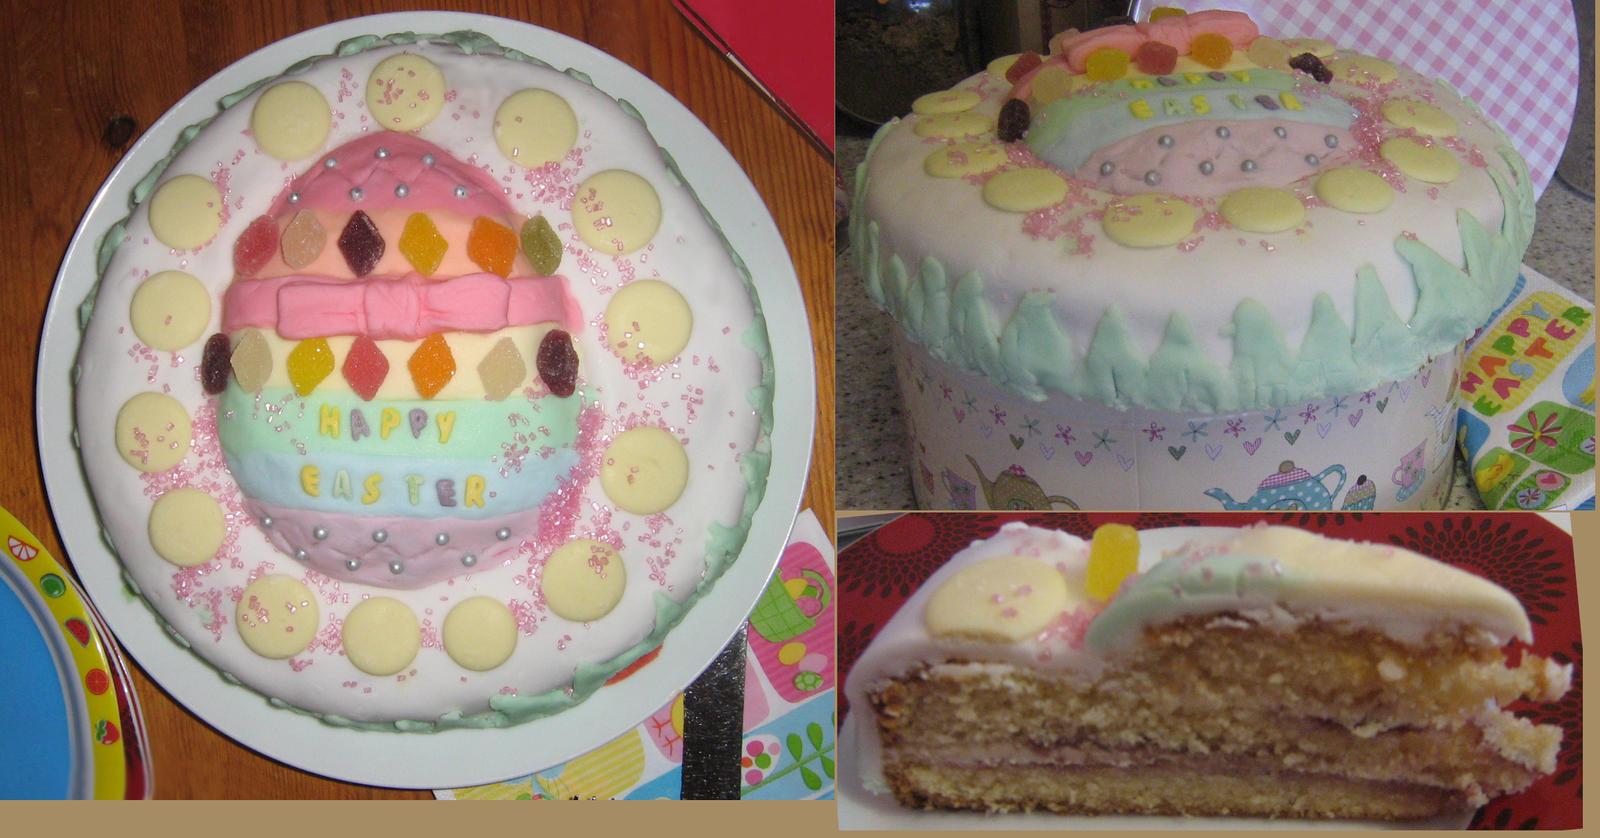 Sponge Cake For Jelly Roll Buy